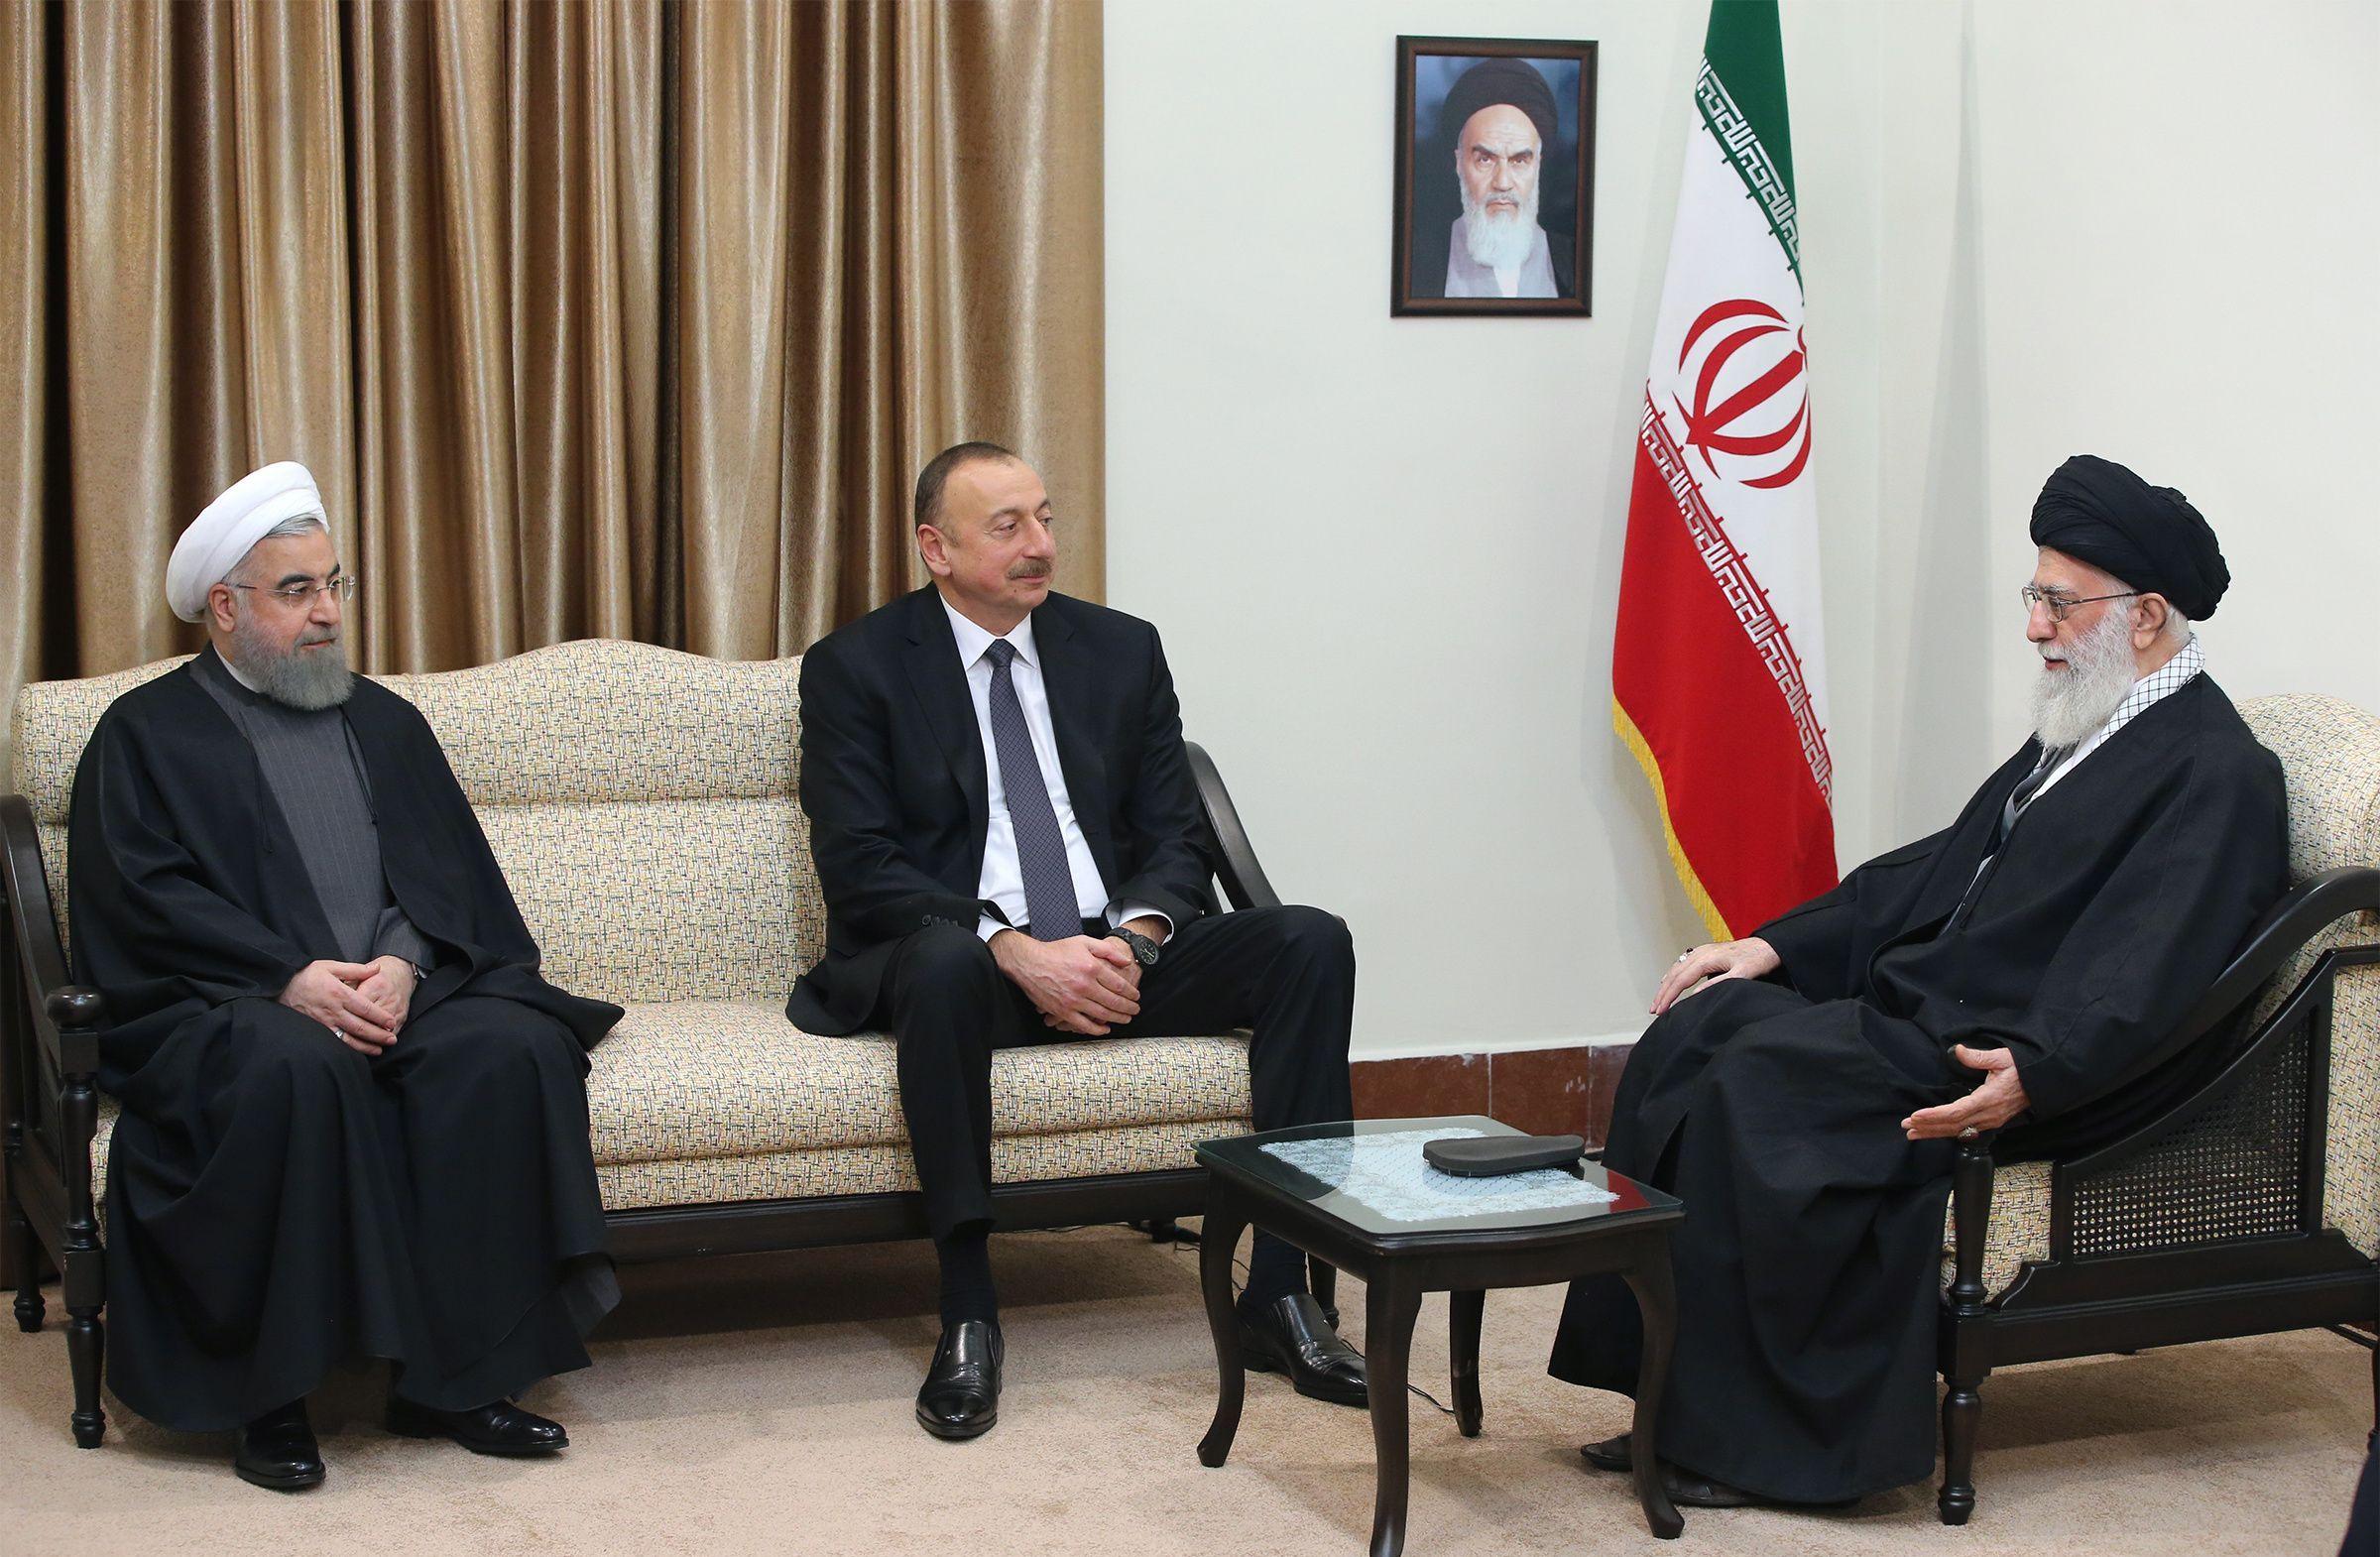 العامل الأذربيجاني في العلاقات بين إيران وإسرائيل